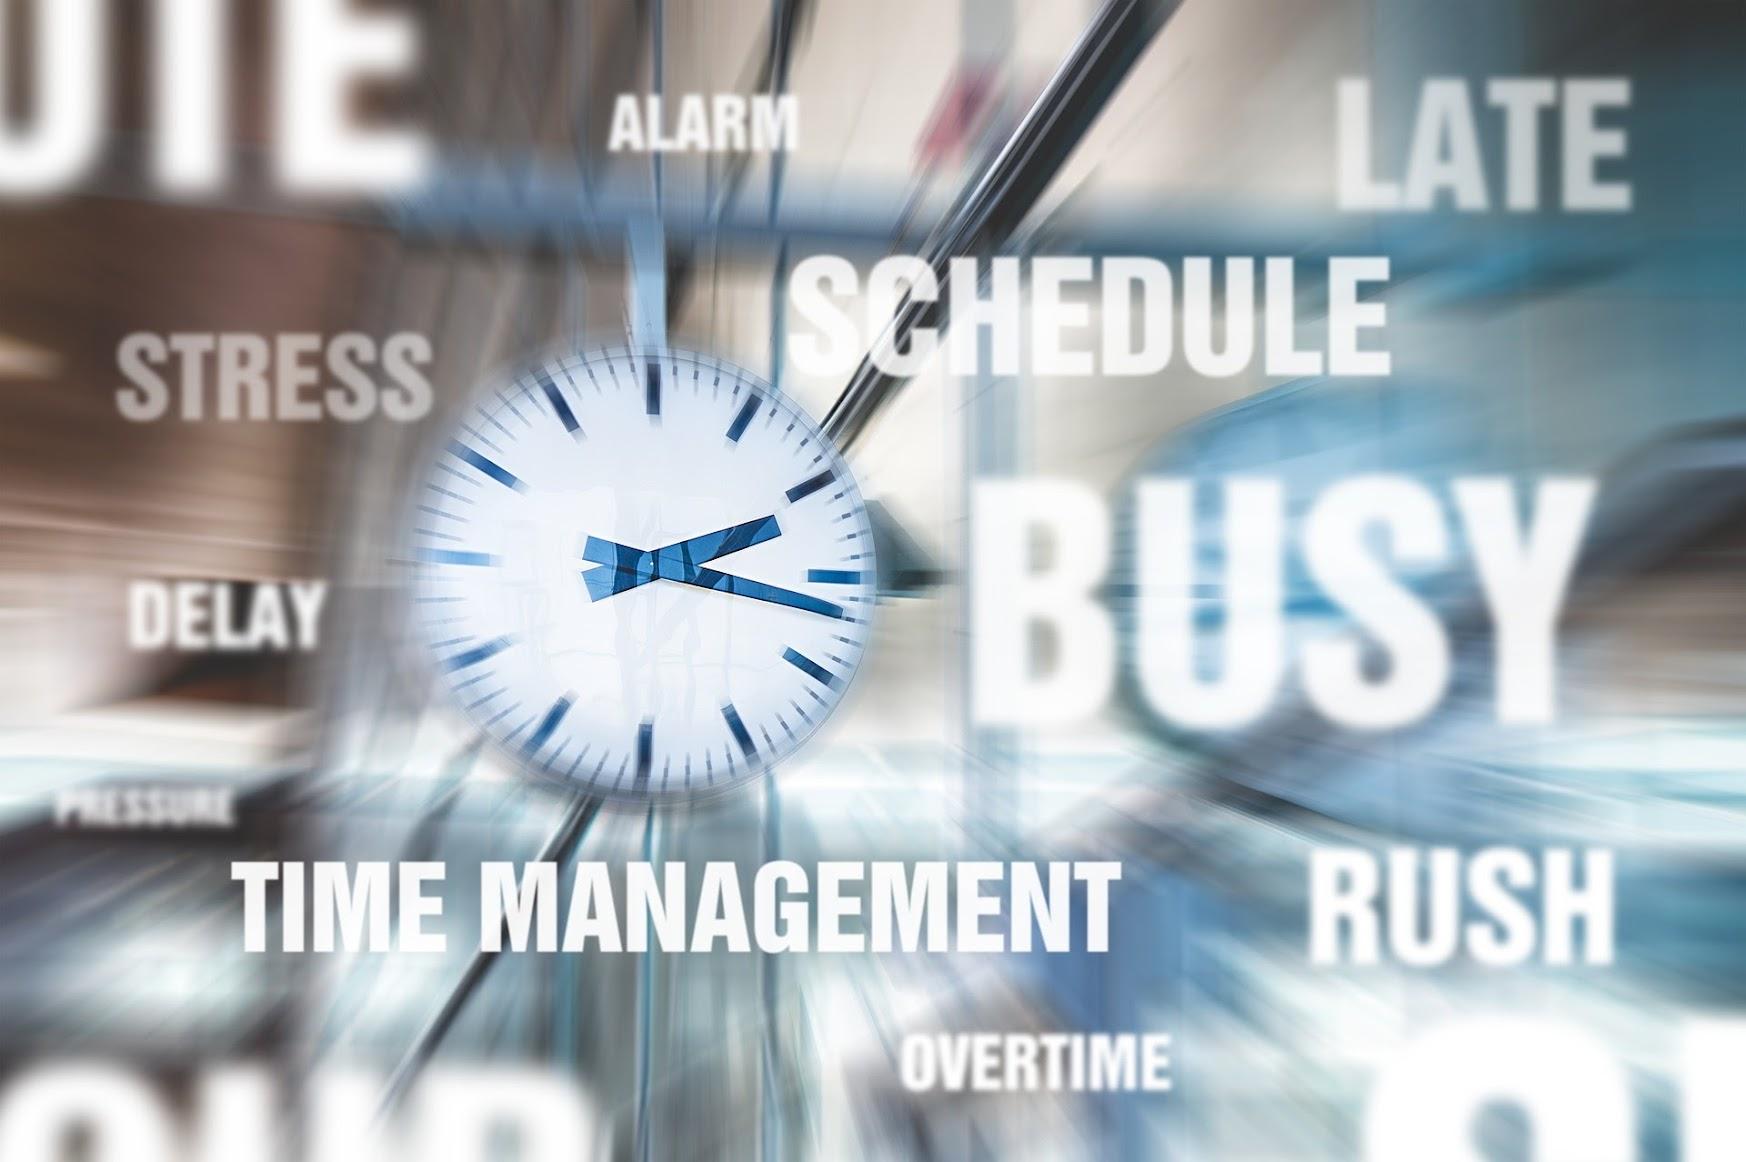 集中力を維持する、時間の使い方